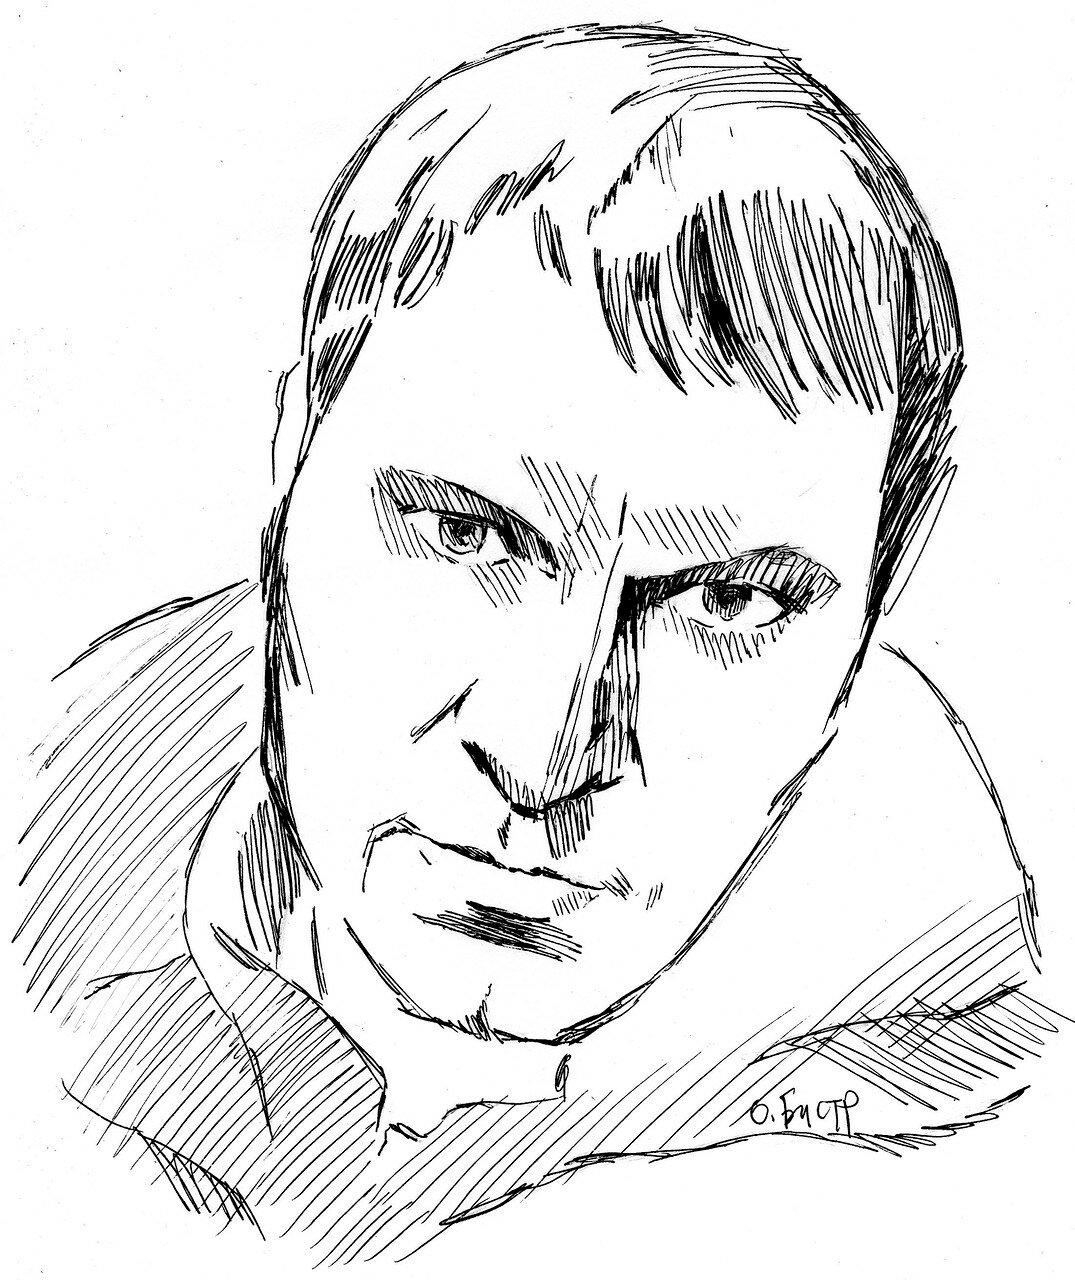 Sverdlov Ilia